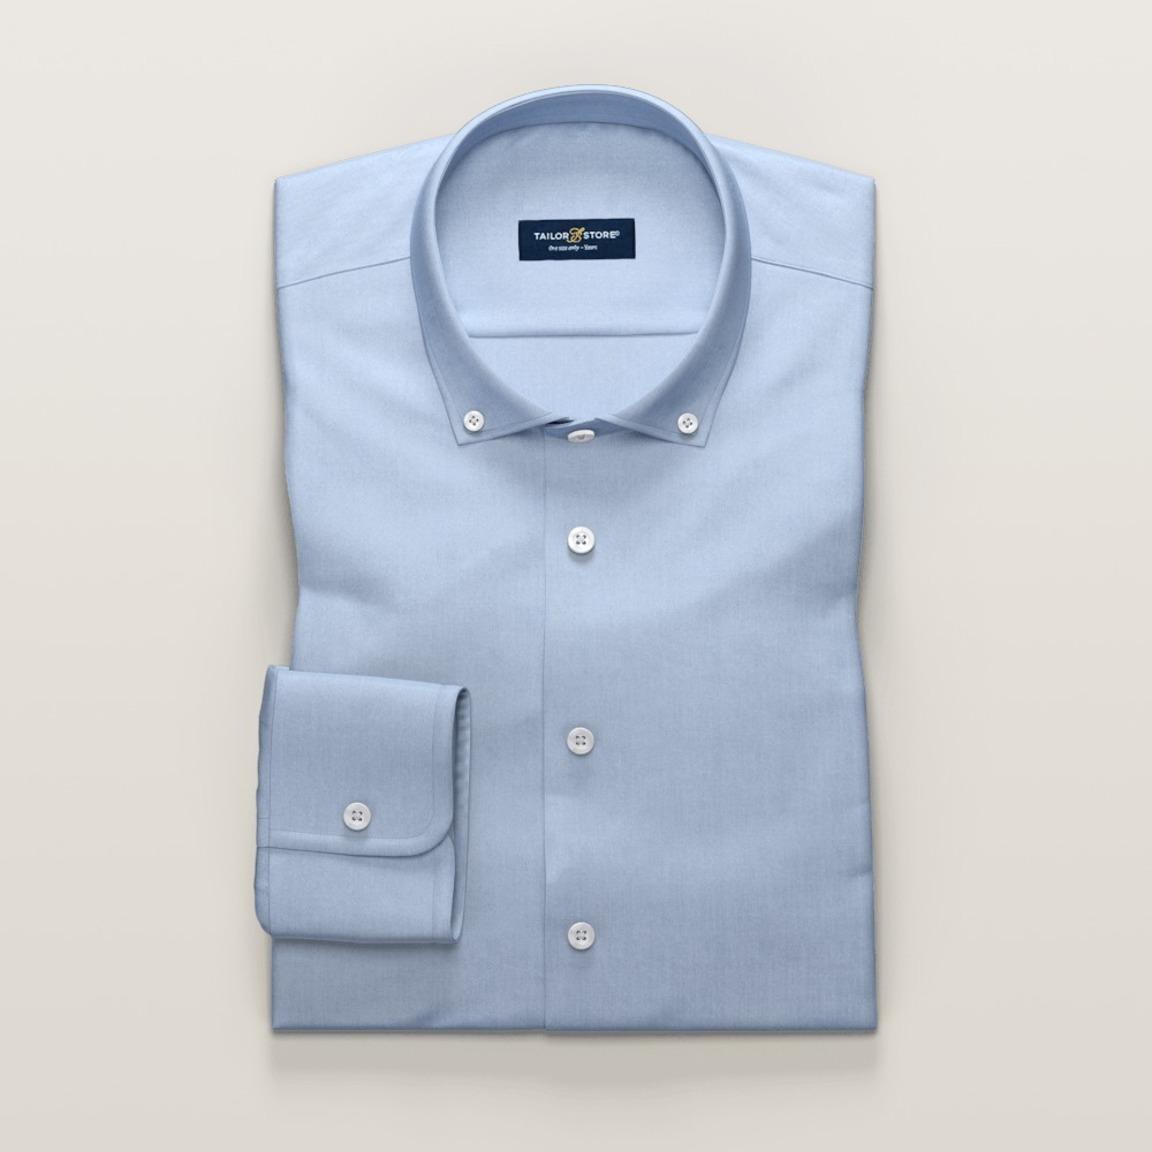 Chemise bleue clair en coton twill Tencel